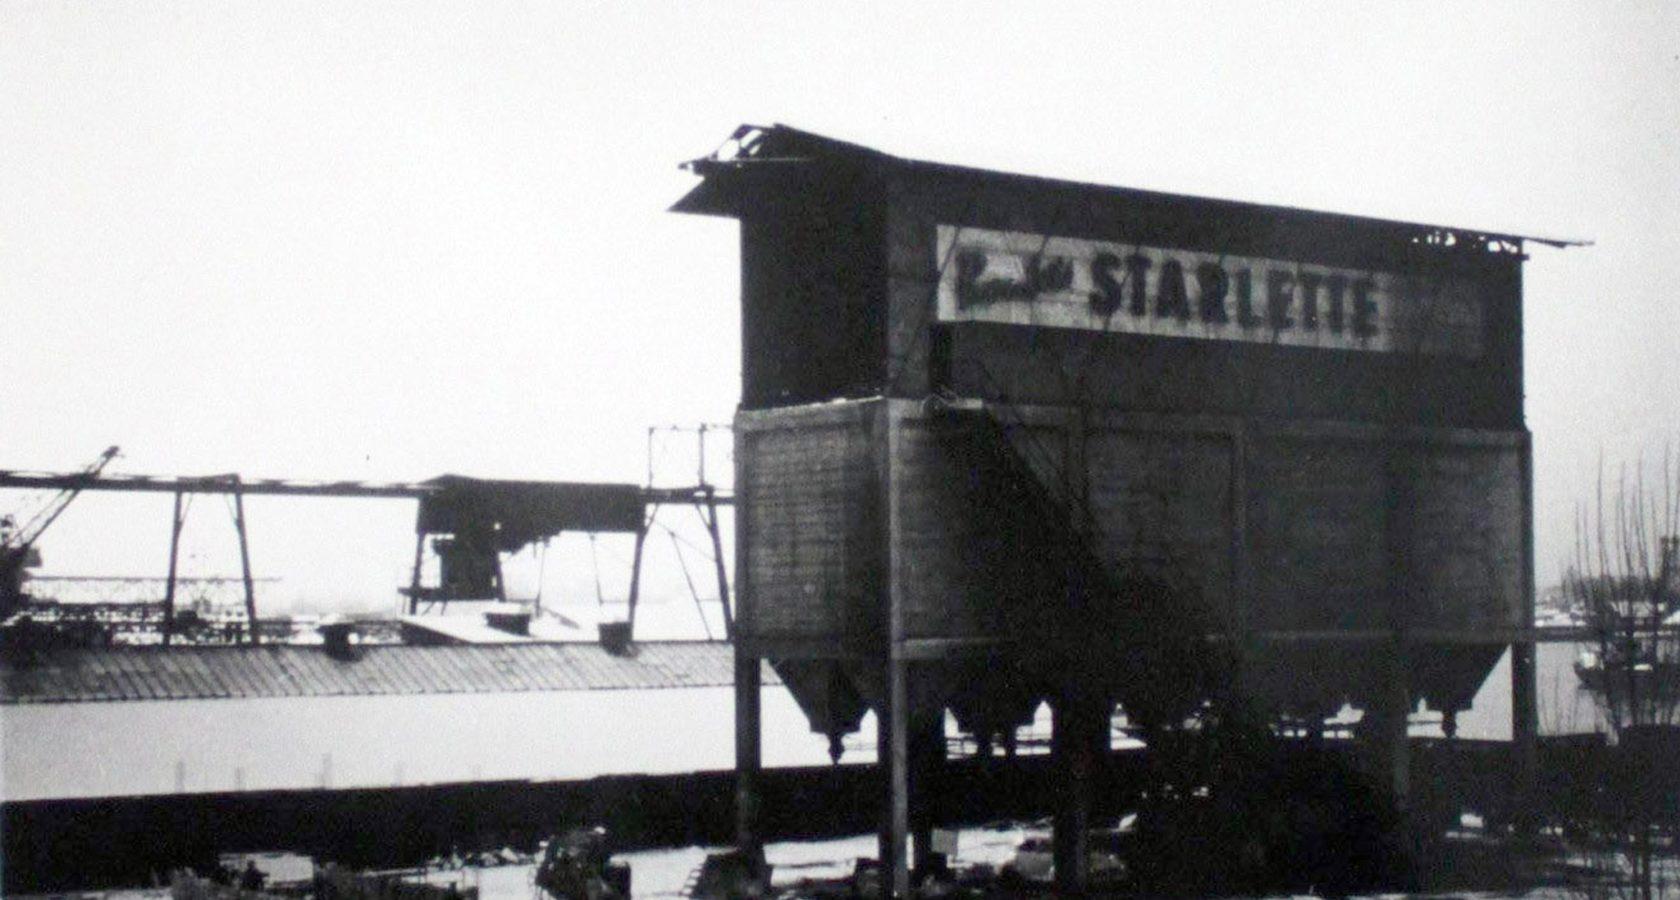 Photo de l'usine Starlette située en bord de bassin. Crédits photo : L'inventaire de la région Patrimoine Alsace